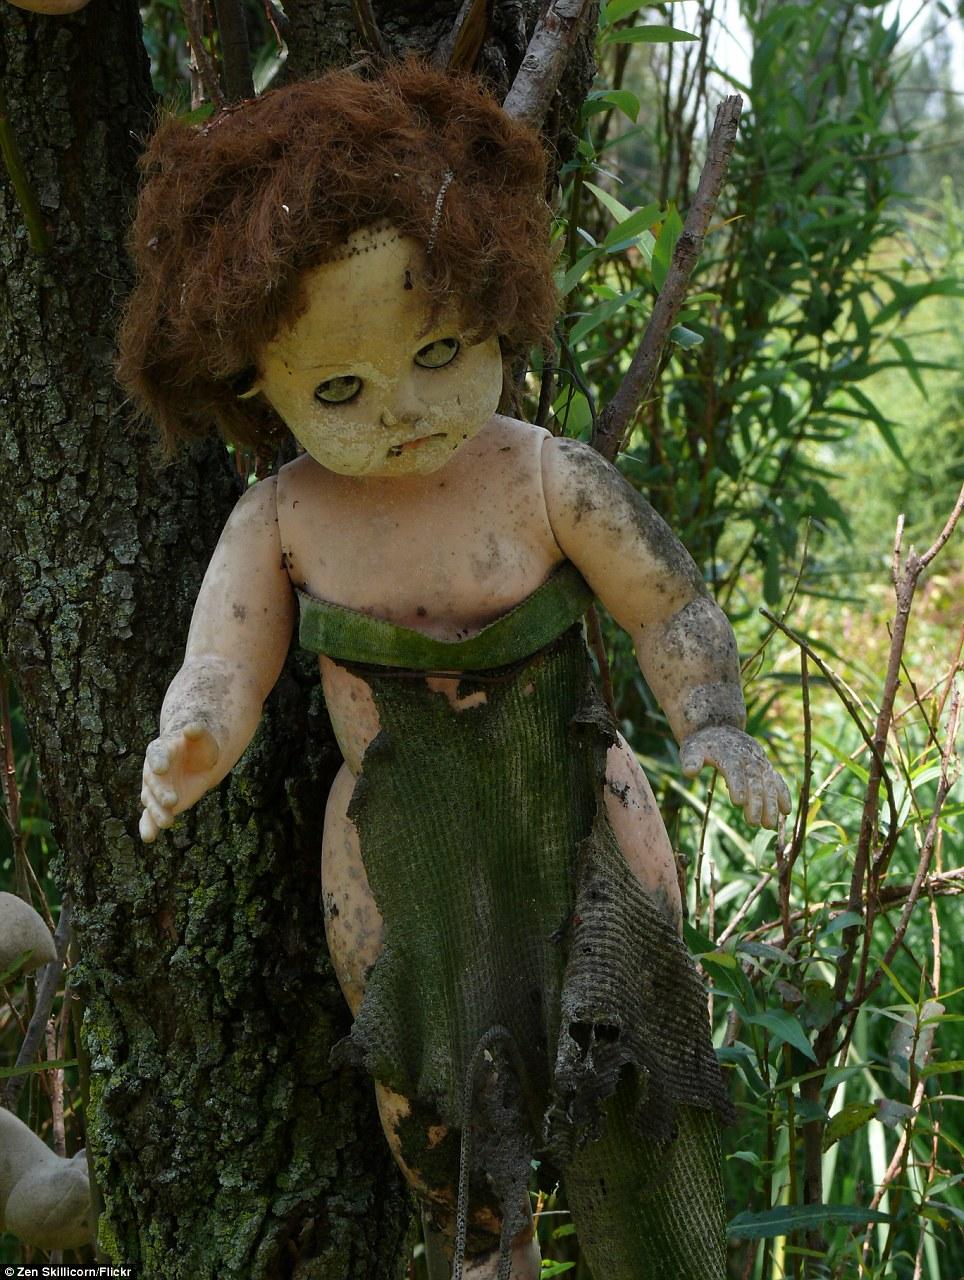 بالصور جزيرة الدمى المسكونة , صور مرعبة وقصة غريبة 4597 8